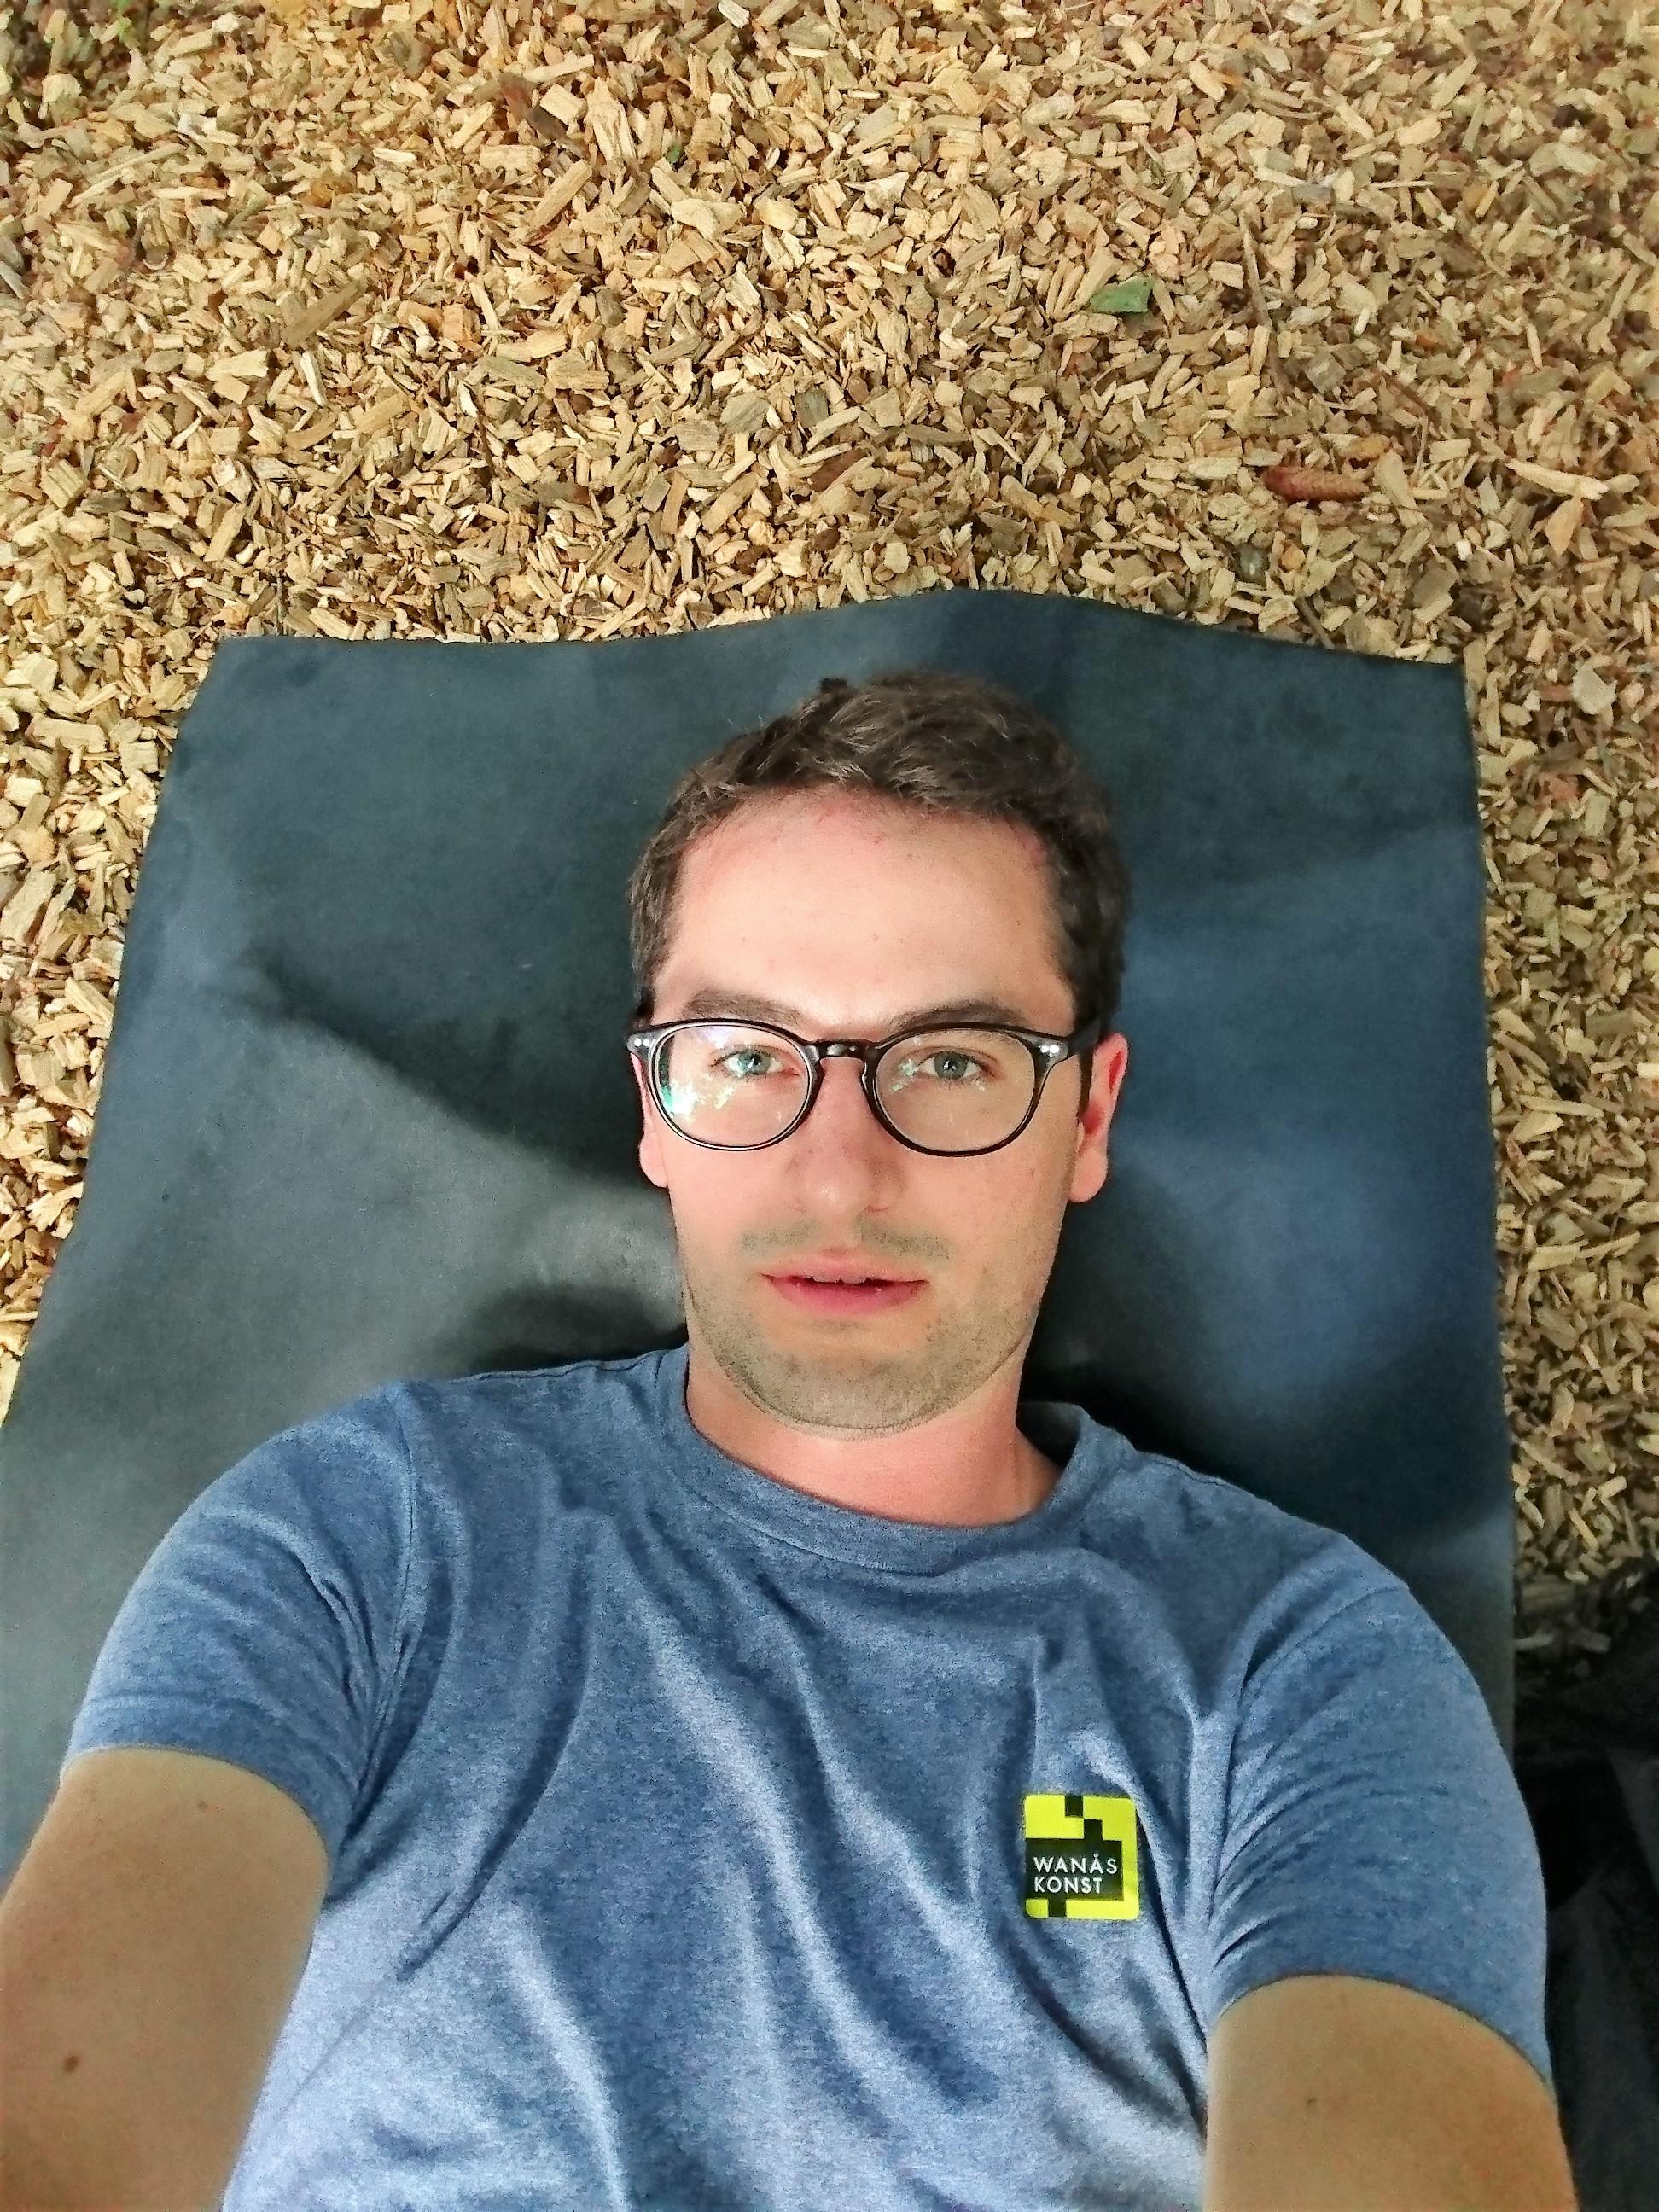 Johan tar selfie i liggande position